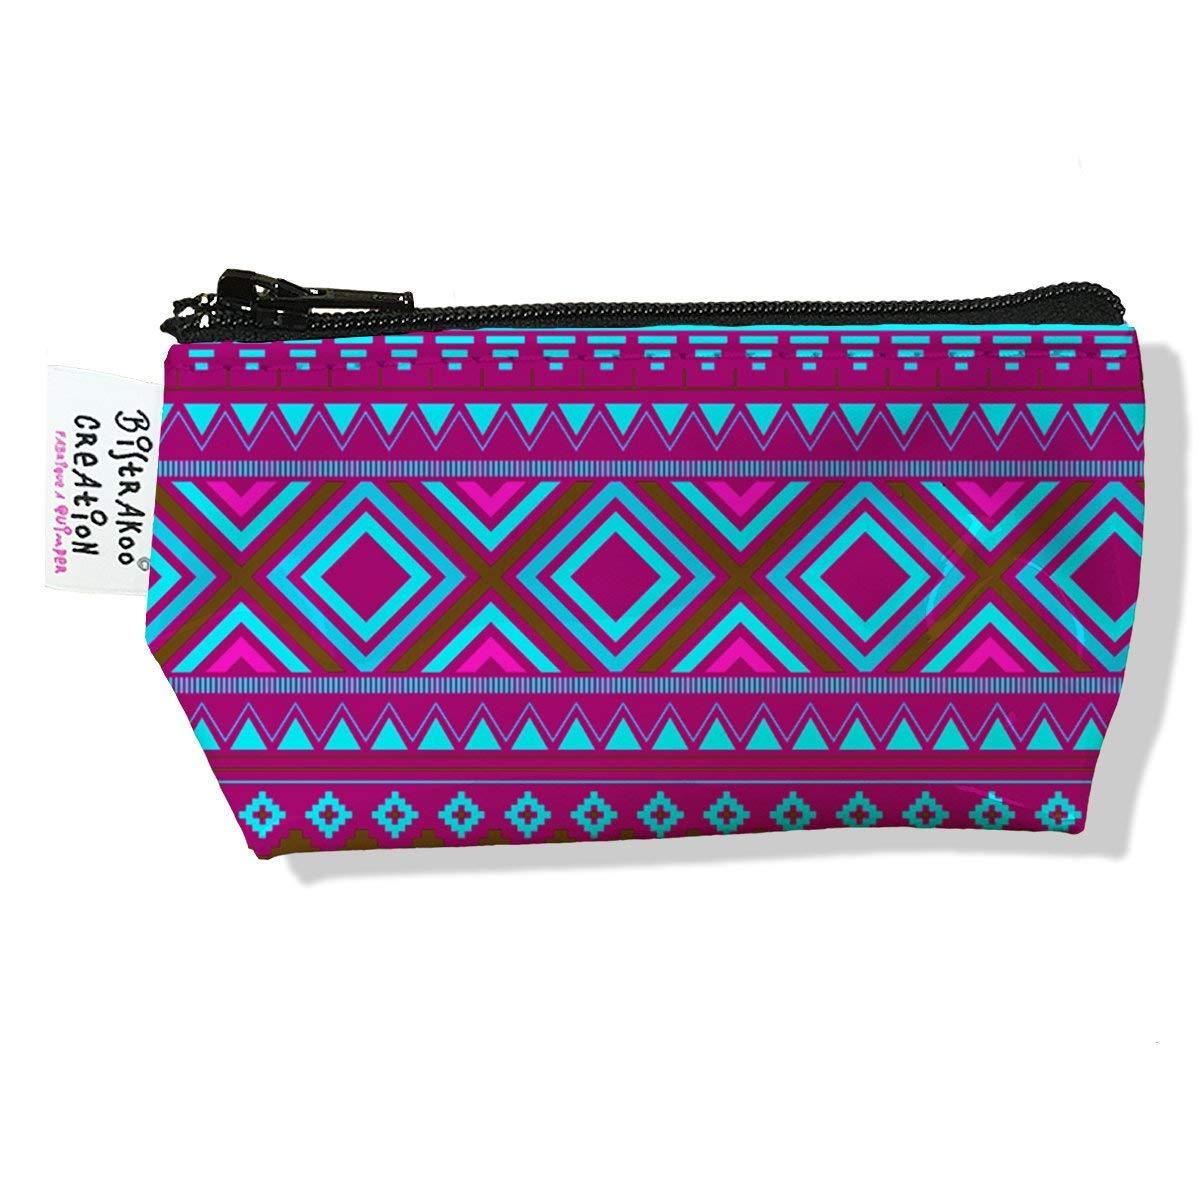 Porte monnaie bourse pour femme motif Aztec rose violet et bleu 2506